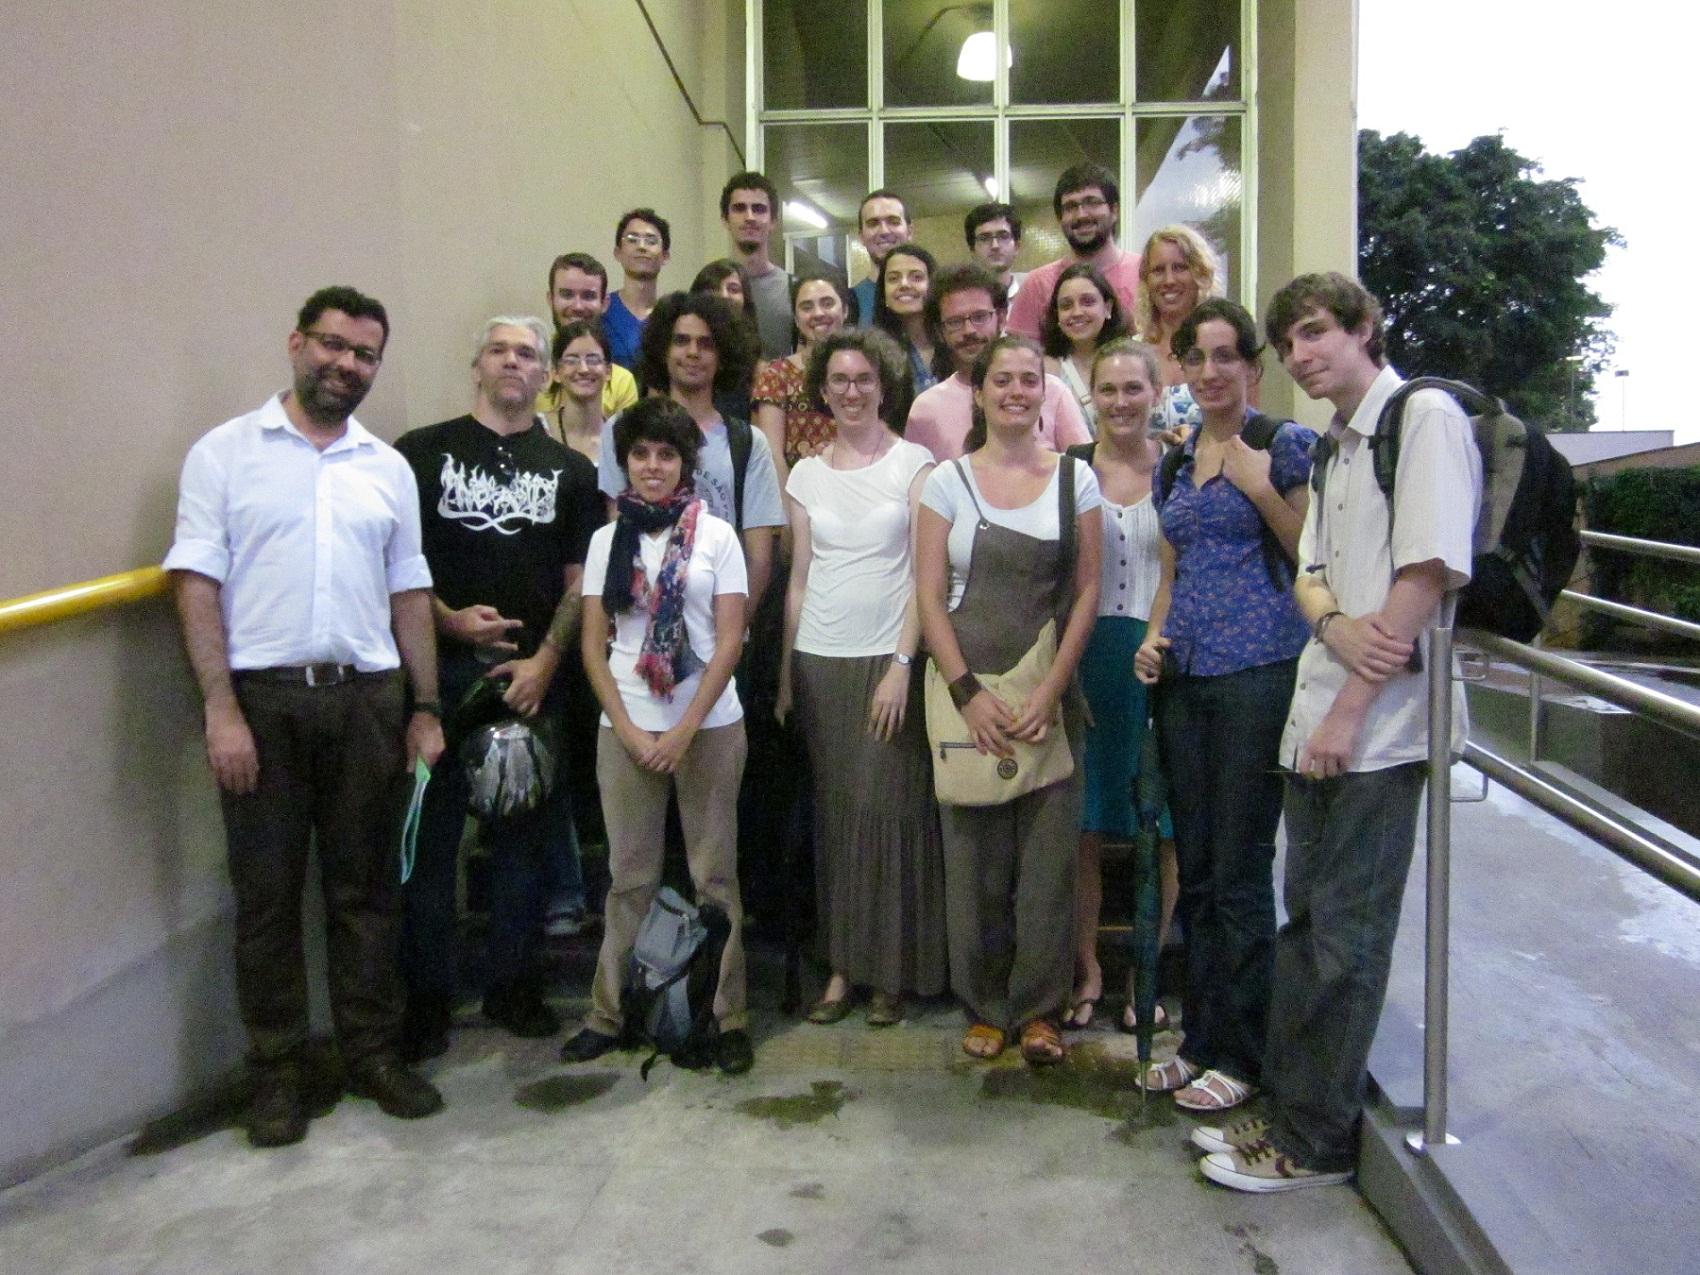 QUANDO A HISTÓRIA FAZ NOTÍCIA: No dia 22 de fevereiro, a equipe do Arquivo visitou o Acervo Estadão. Recebidos pelo jornalista e documentalista Edmundo Leite, todos puderam conhecer os bastidores da redação de um grande meio de comunicação.